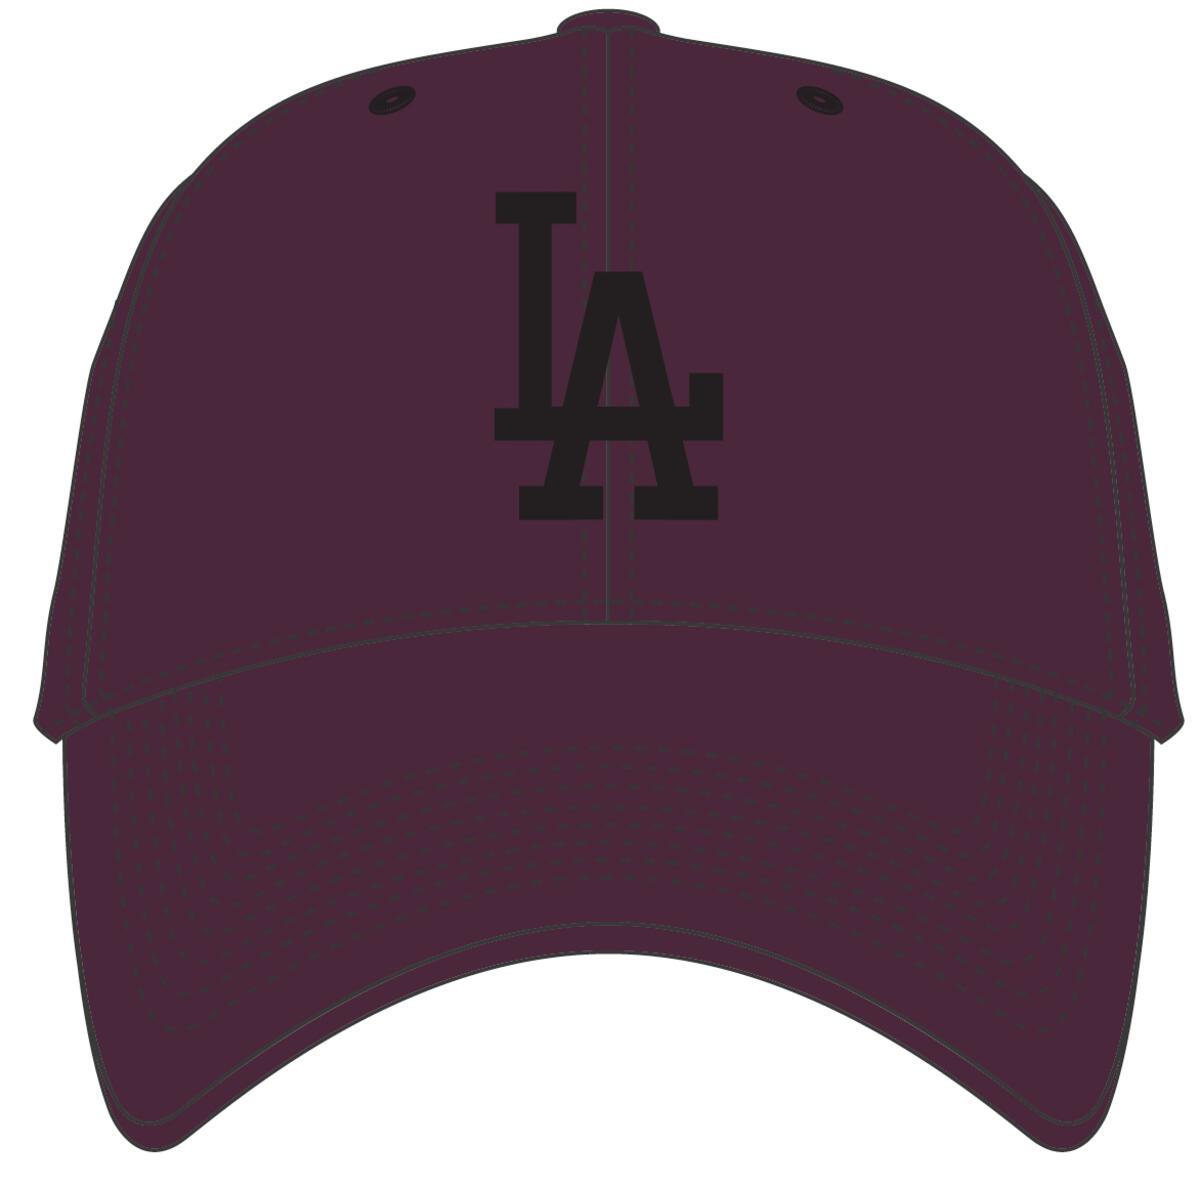 47 BRAND CZAPKA LOS ANGELES DODGERS BORDOWA (B-AERIL12GWS-KM)